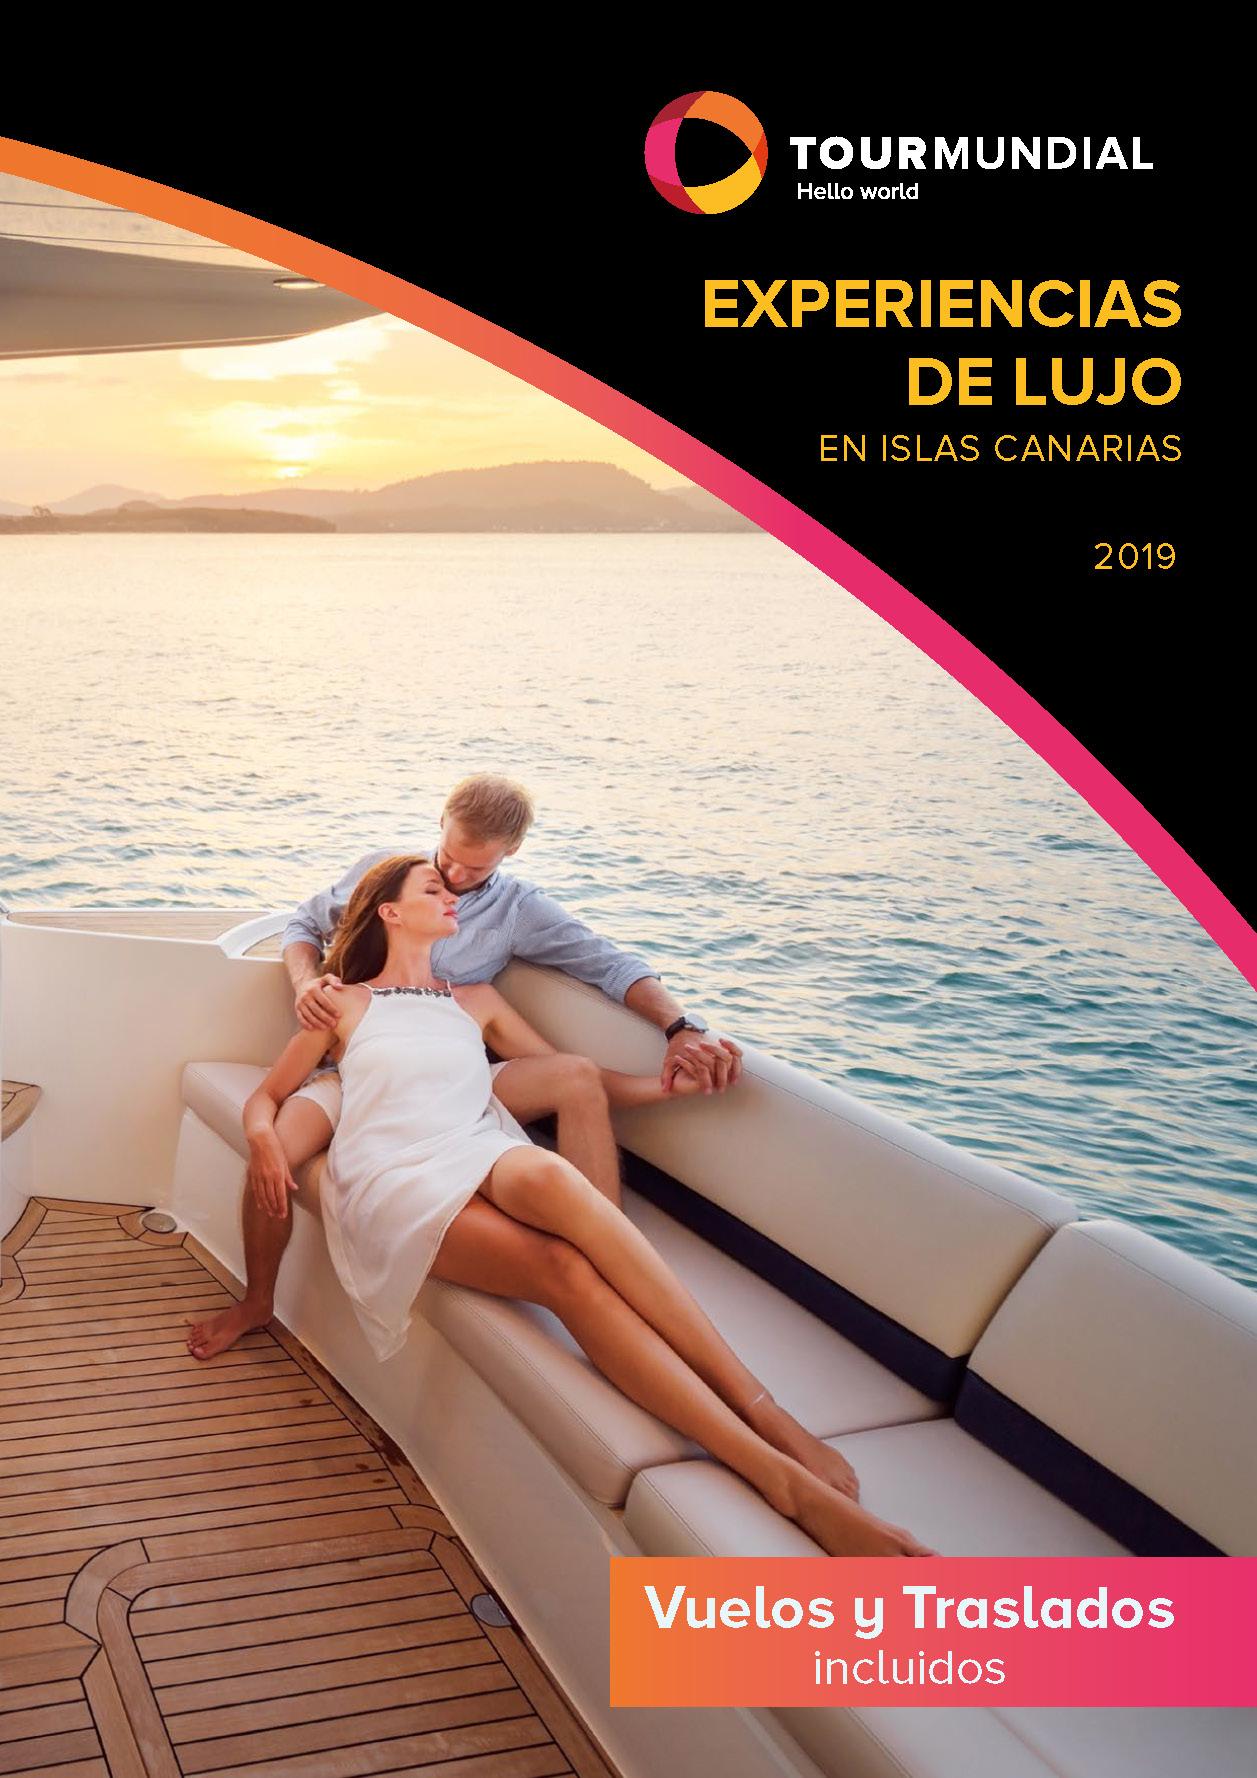 Catalogo Tourmundial Lujo en Canarias 2019